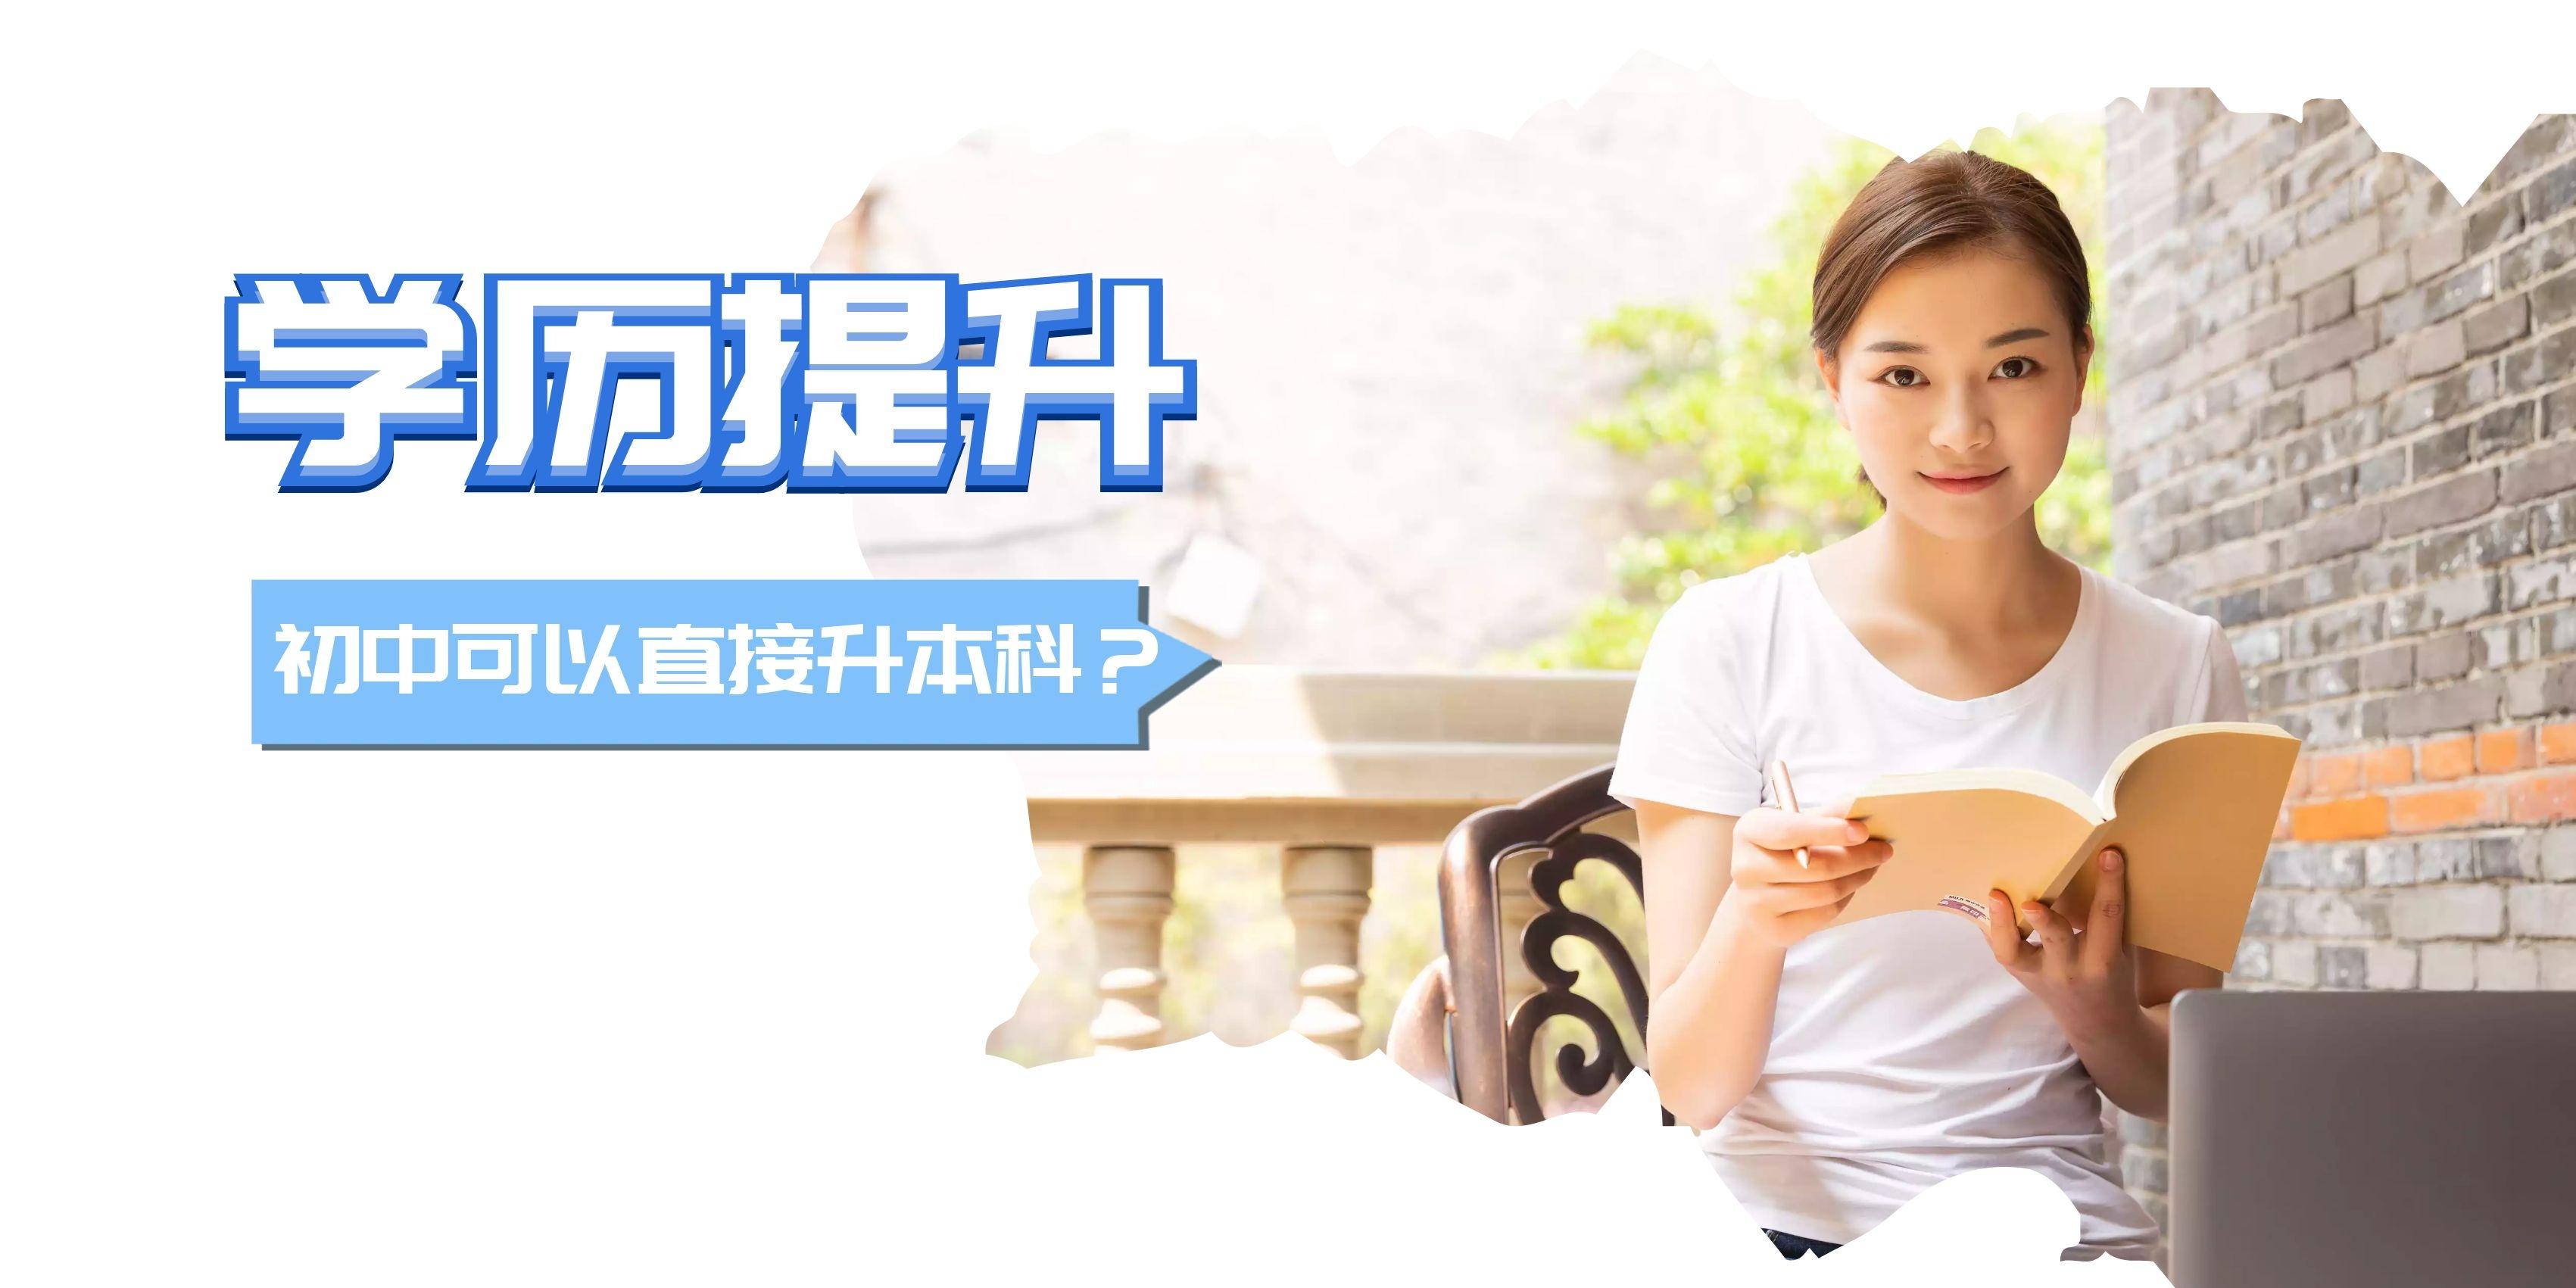 2020年湖北初中文凭可以直接升本科么_一步到位不好么?